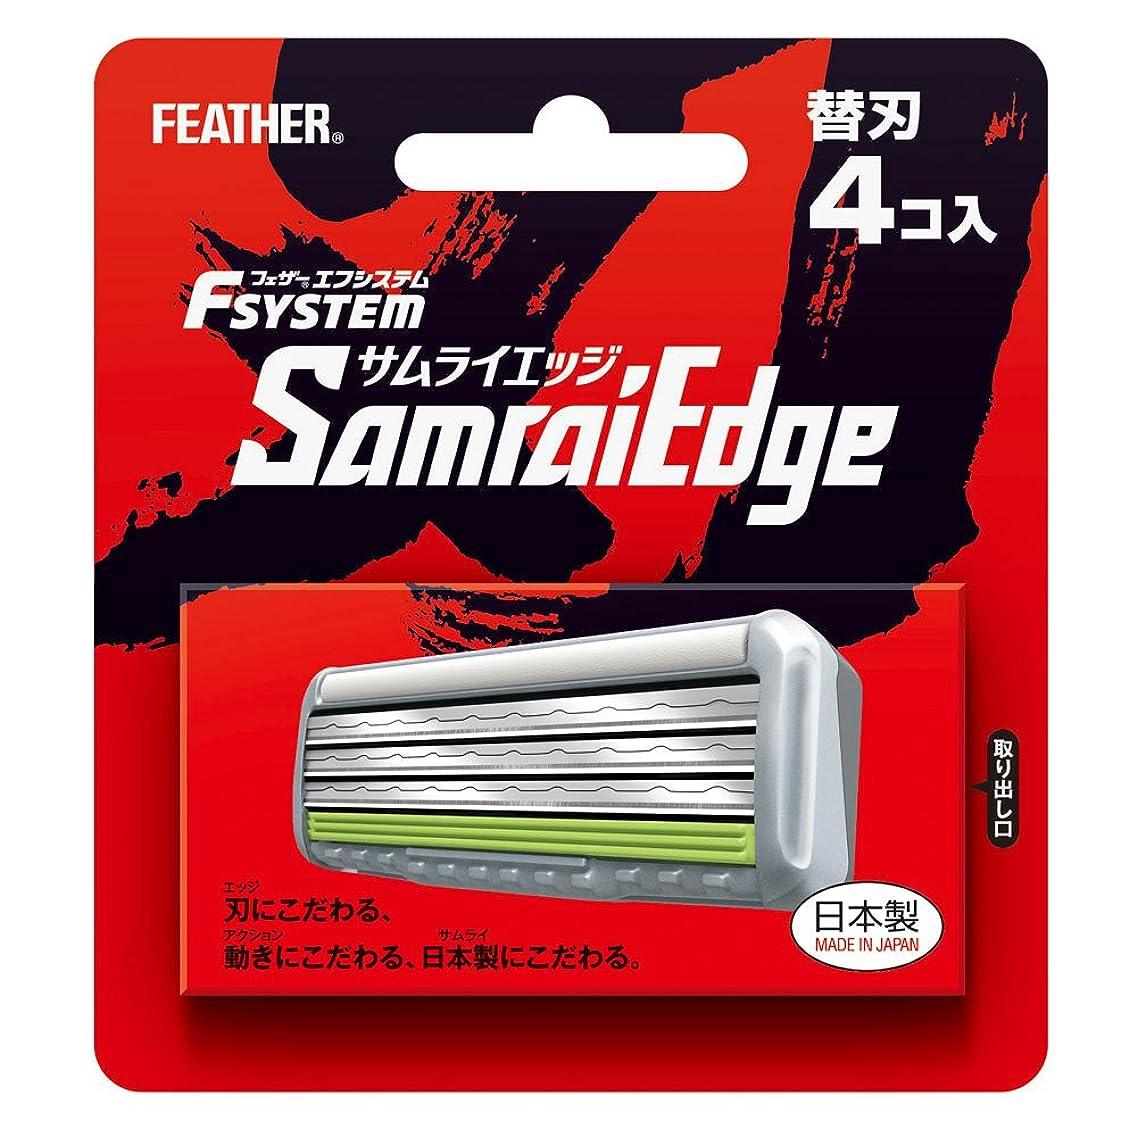 累計シチリア定期的にフェザー エフシステム 替刃 サムライエッジ 4コ入 (日本製)